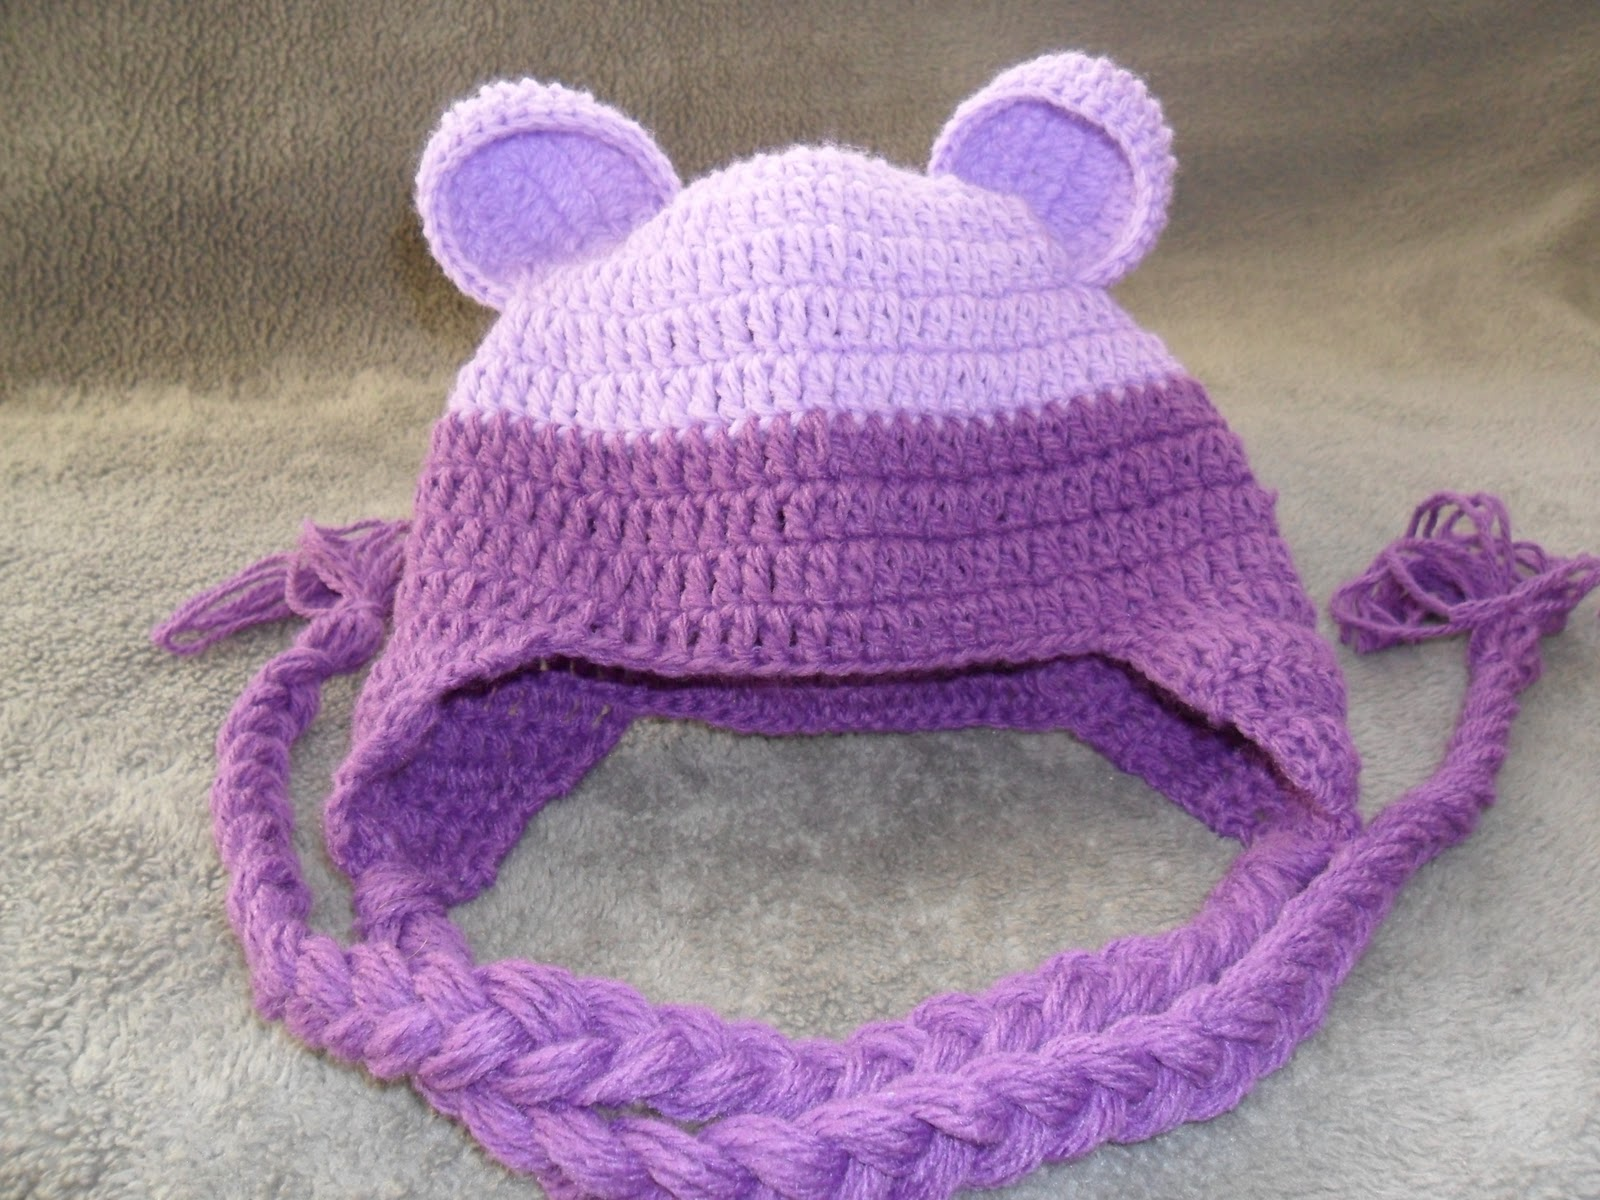 Como colocar tranças em toucas de crochê para bebês - Ateliê do Crochê 15e0fb15bd6